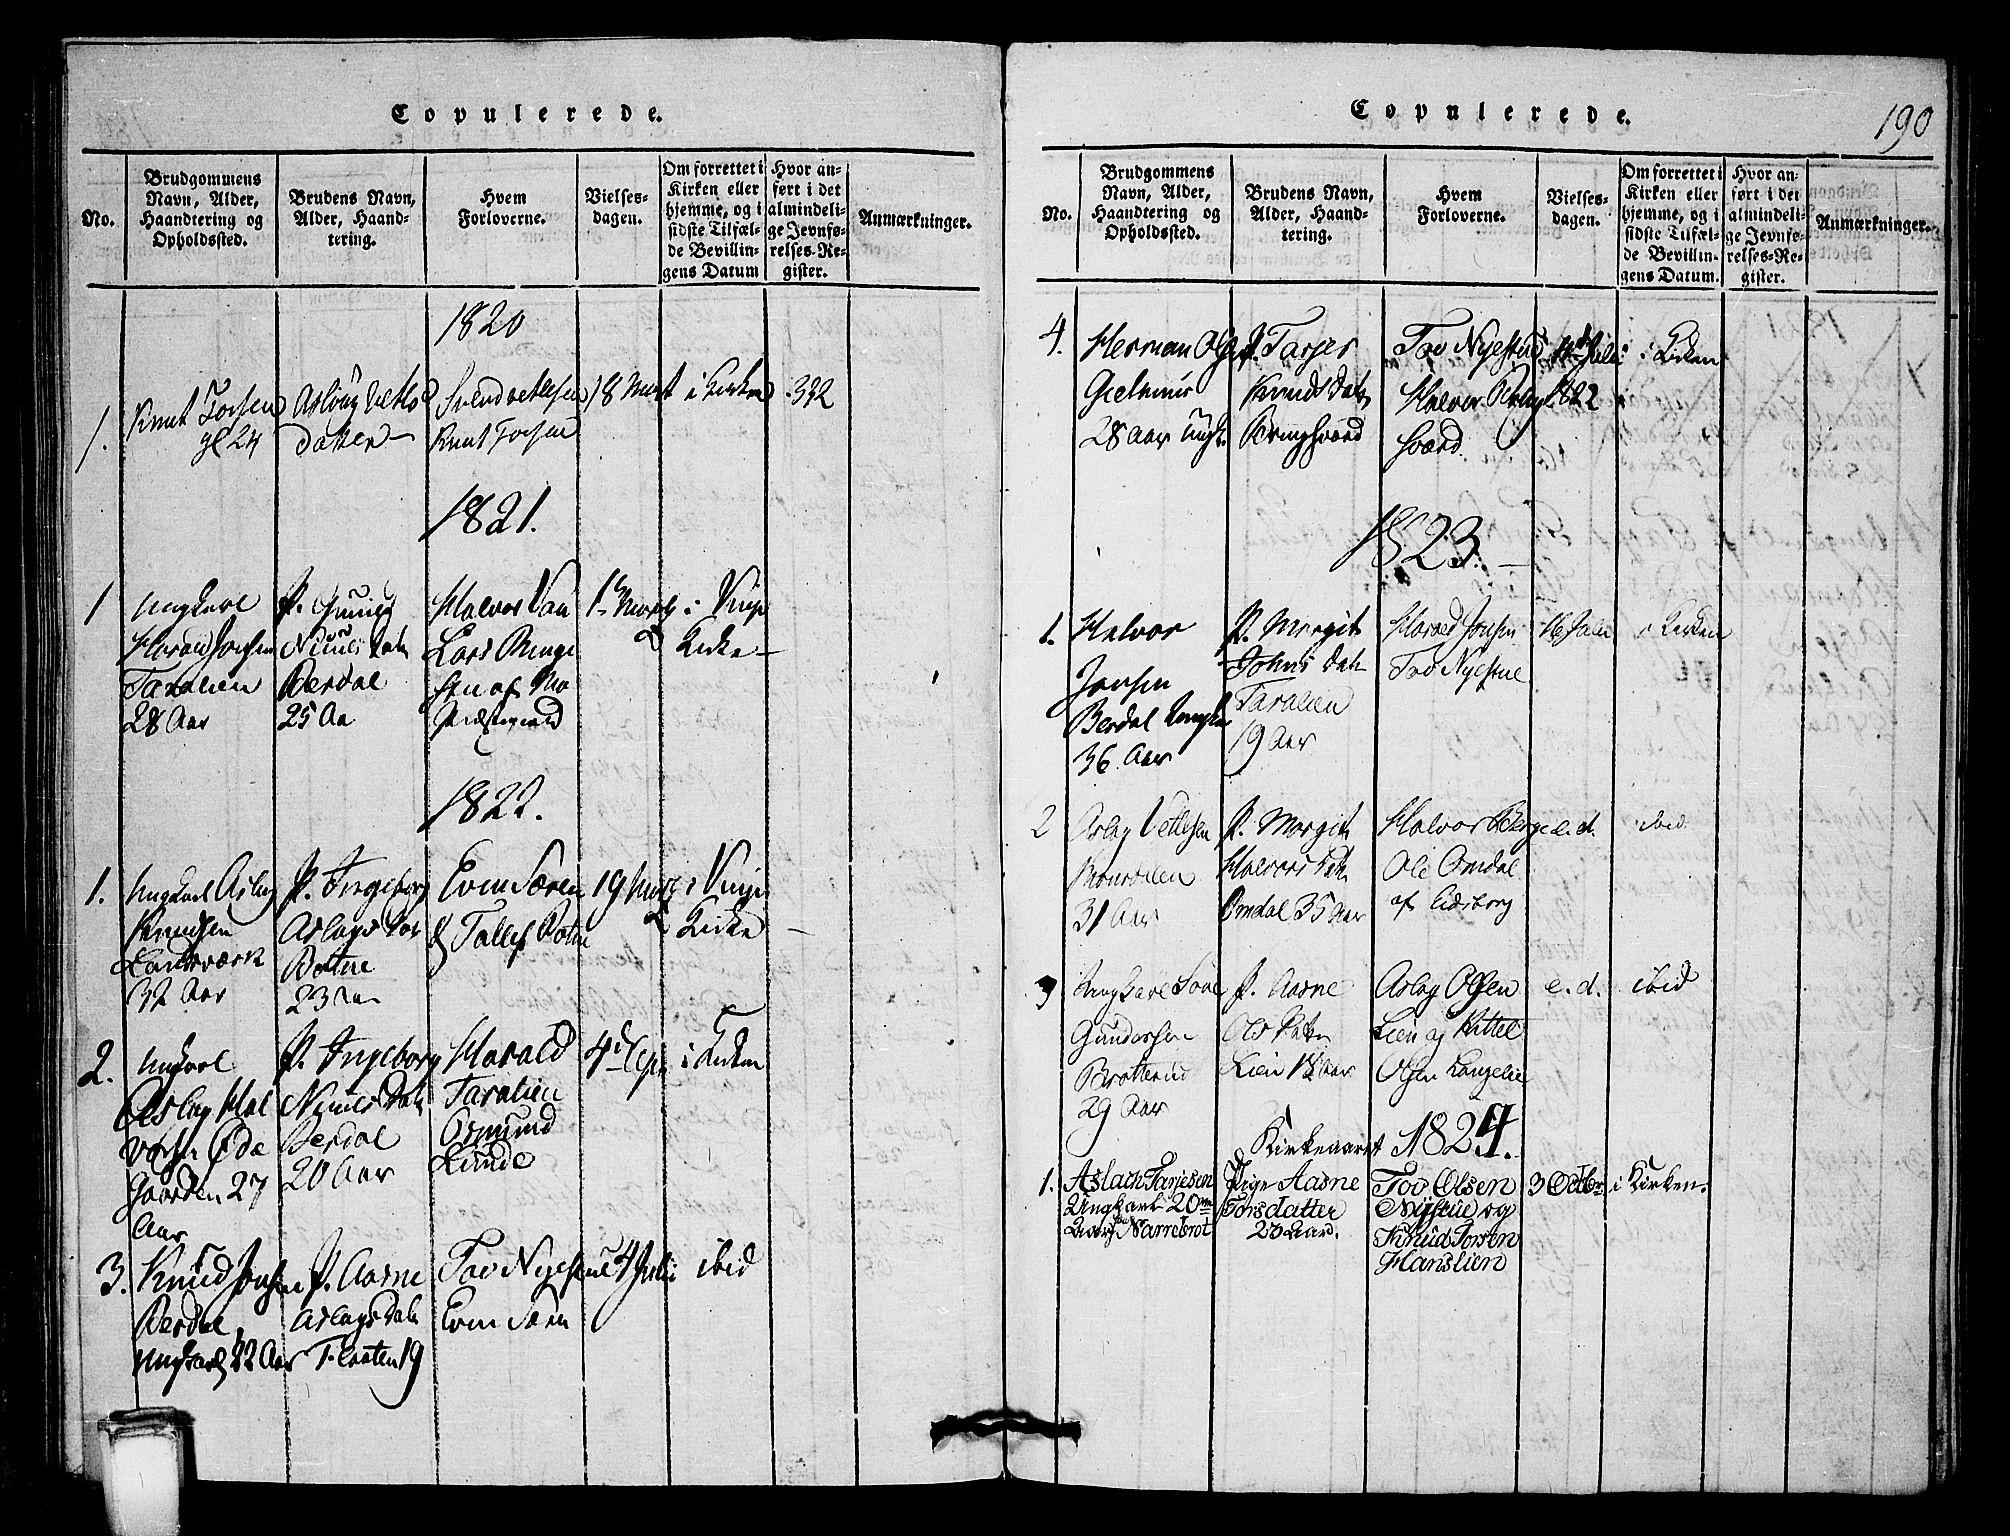 SAKO, Vinje kirkebøker, G/Gb/L0001: Klokkerbok nr. II 1, 1814-1843, s. 190